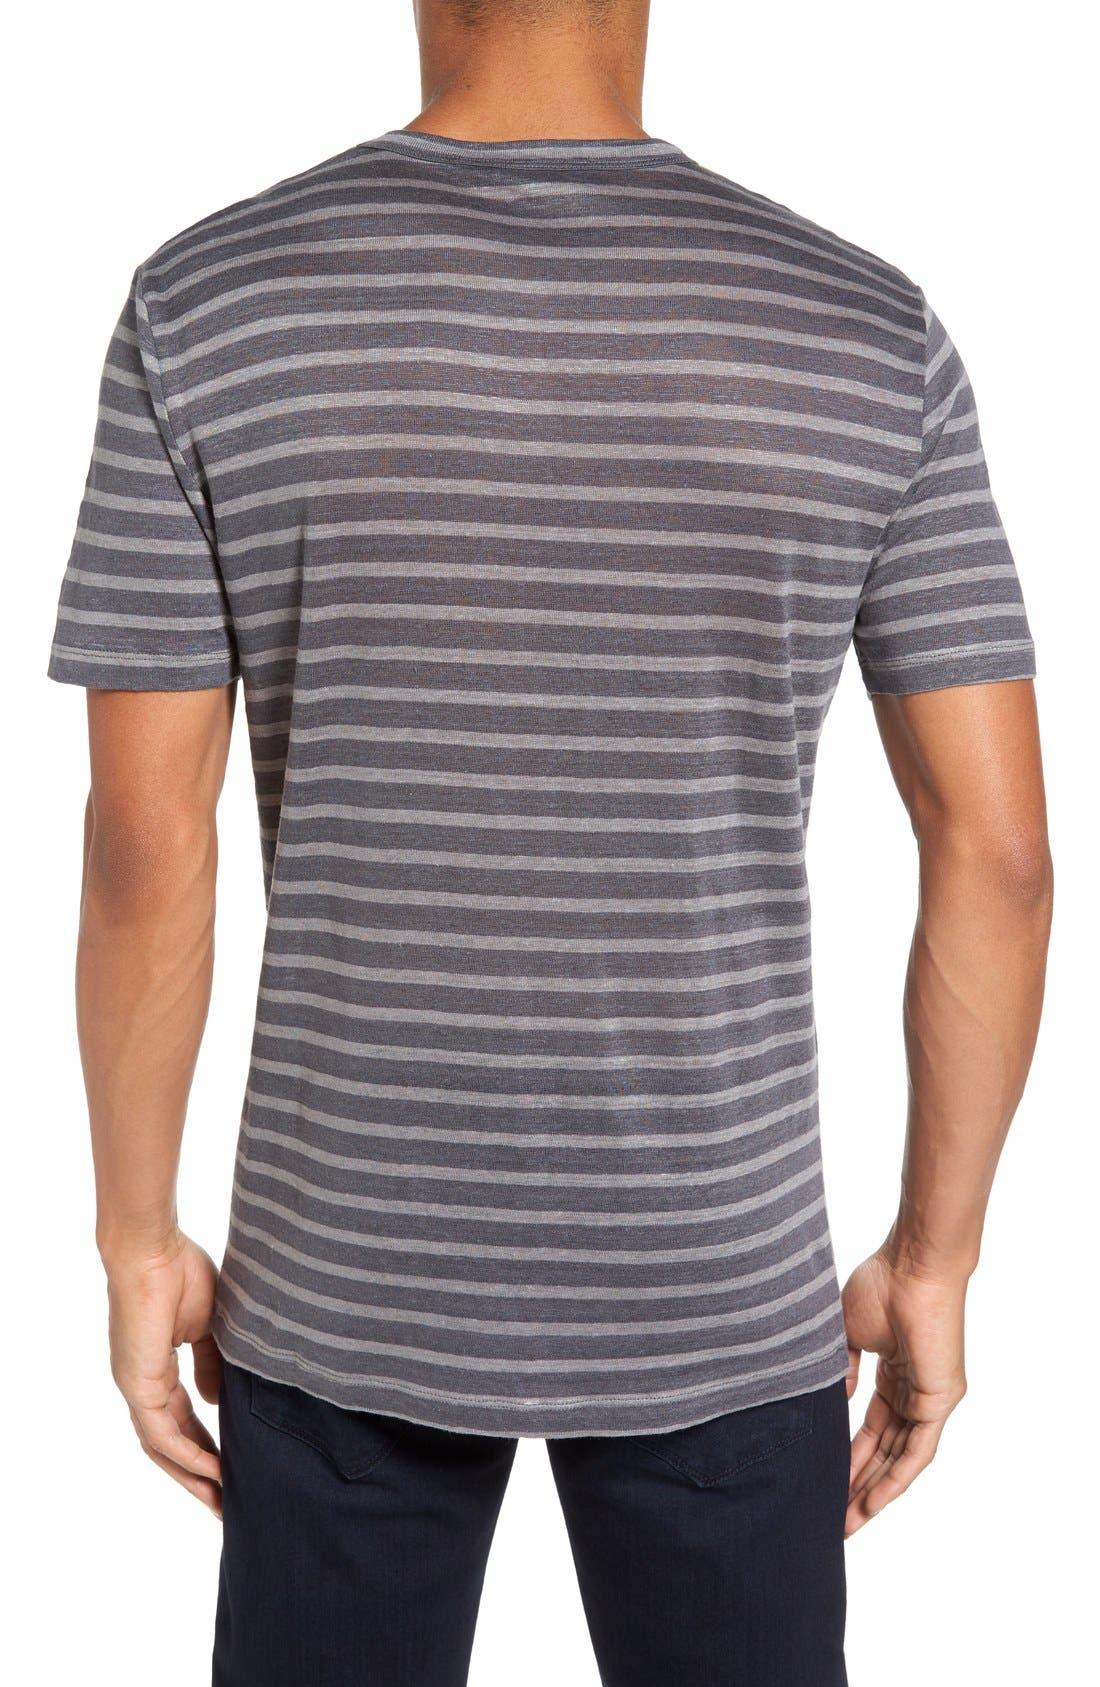 Alternate Image 2  - Slate & Stone Stripe Linen T-Shirt